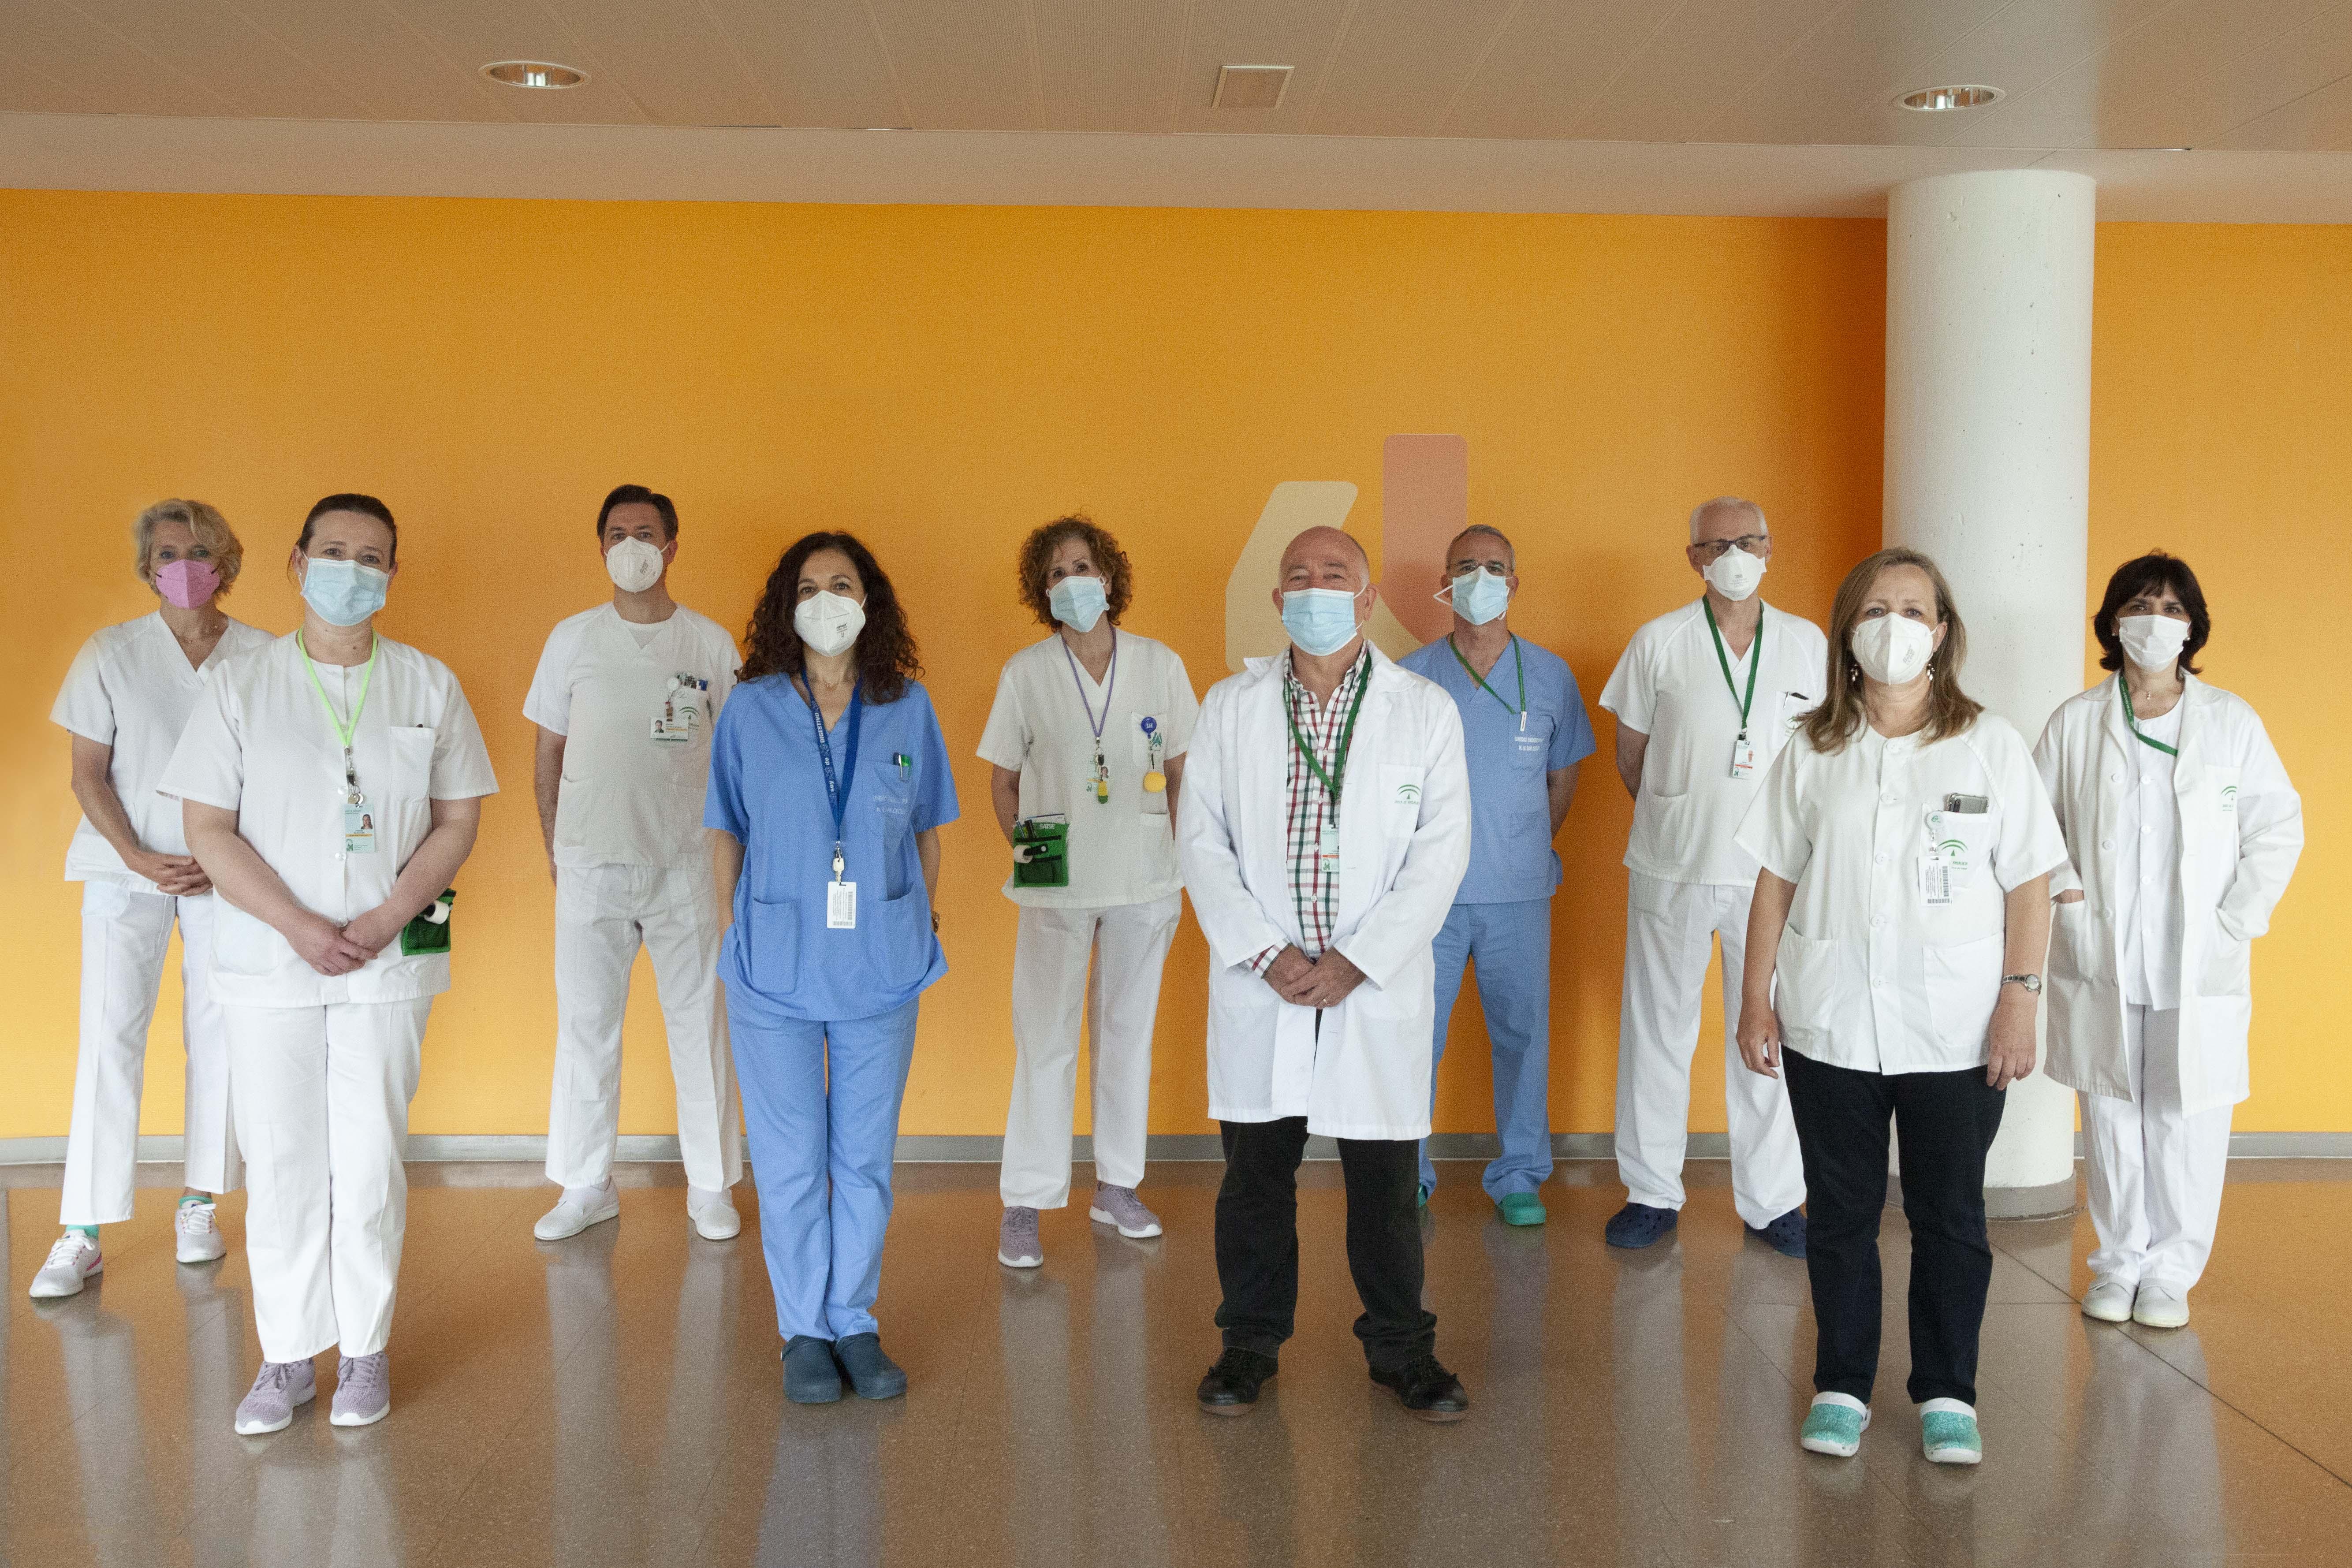 El Clínico se iluminará hoy de verde y naranja para conmemorar el Día Nacional de la Fibrosis Quística